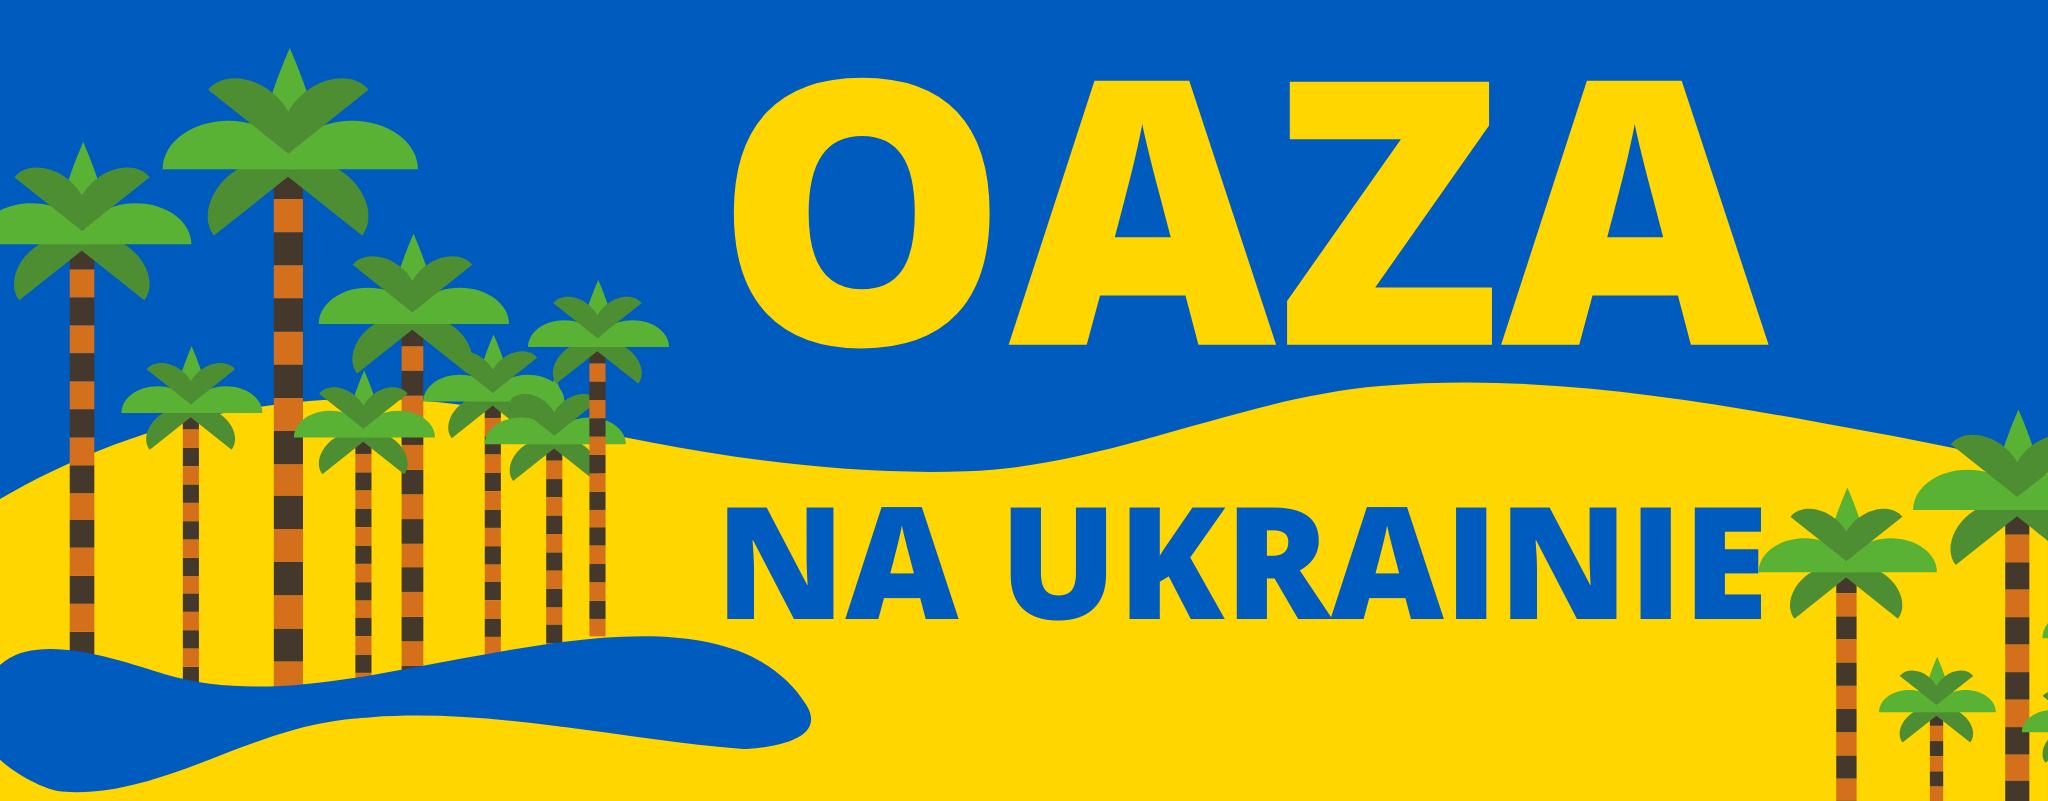 Ukraina_baner